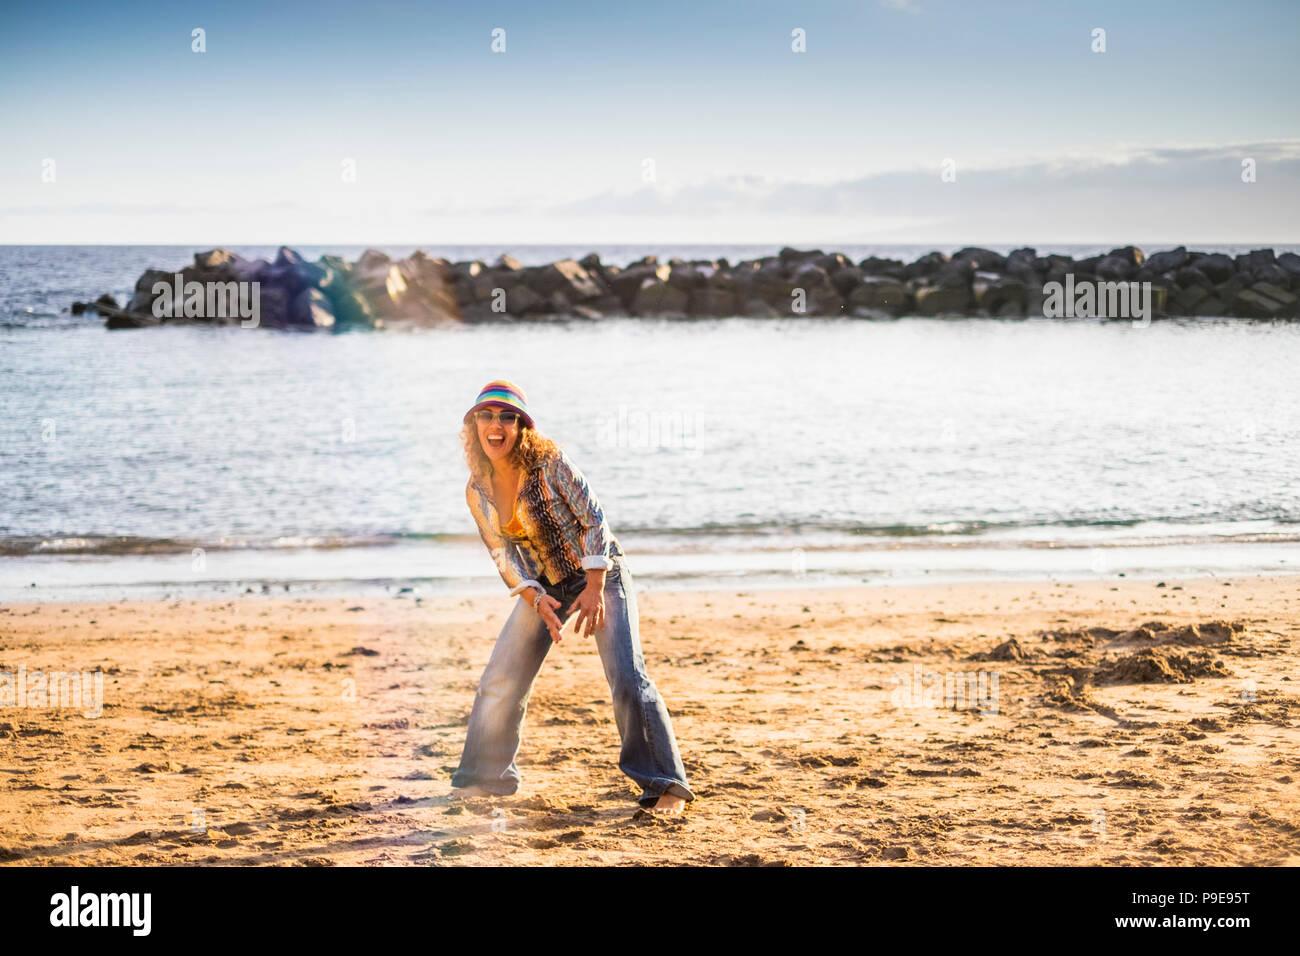 Feliz libertad loco mujer de mediana edad saltar en la playa de la felicidad y la vida al aire libre en verano joyfun vacaciones al mar y la playa. La moda hippie concepto cl Imagen De Stock